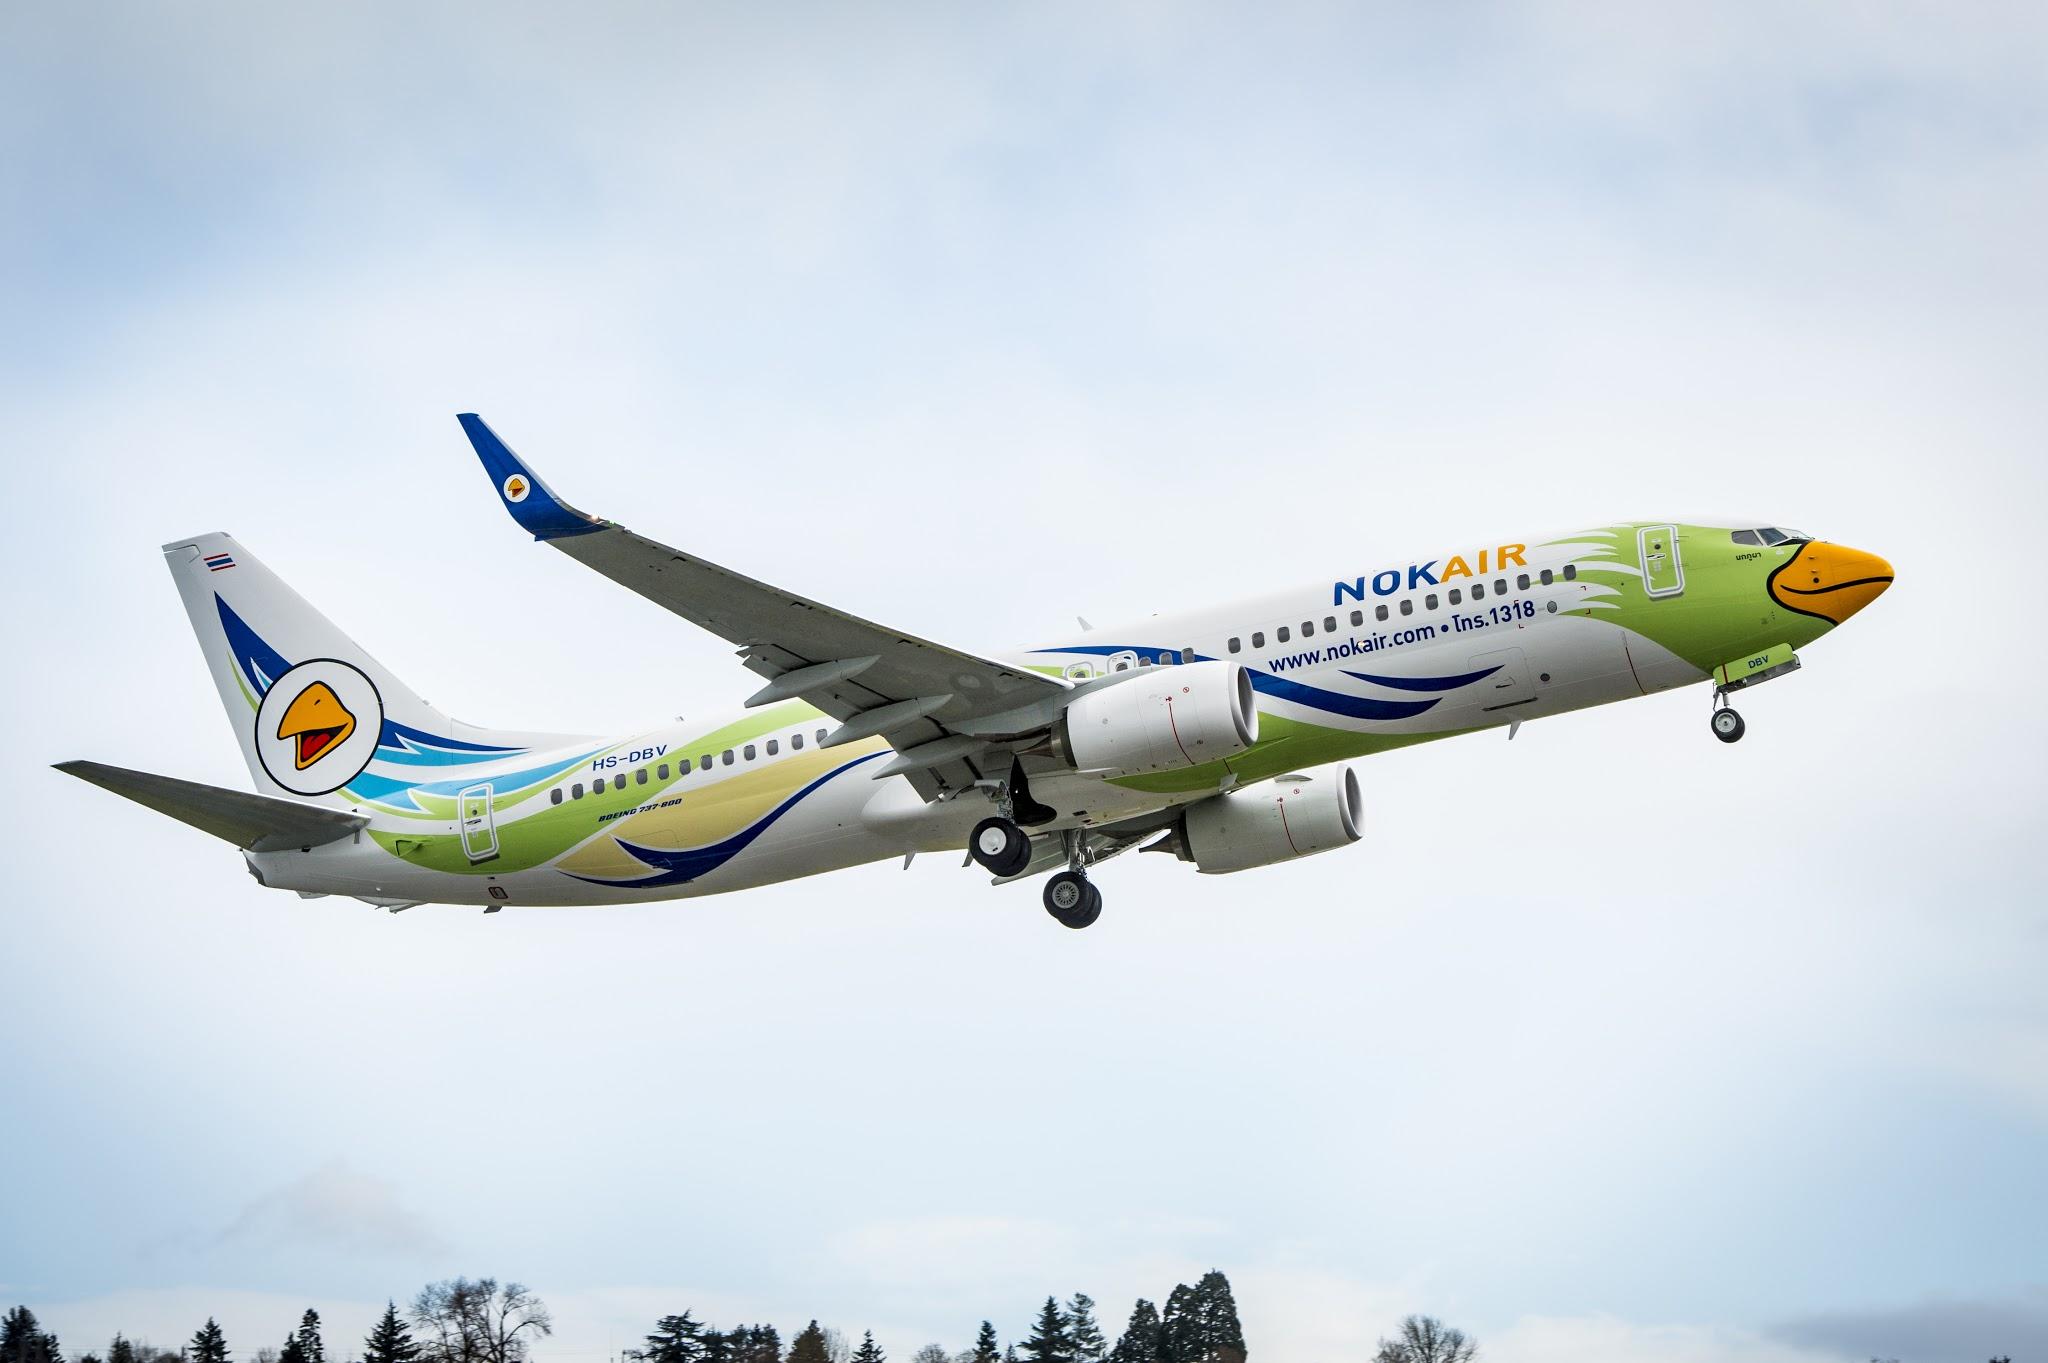 Boeing entrega 737 para Nok Air e fornece treinamento aos seus pilotos.